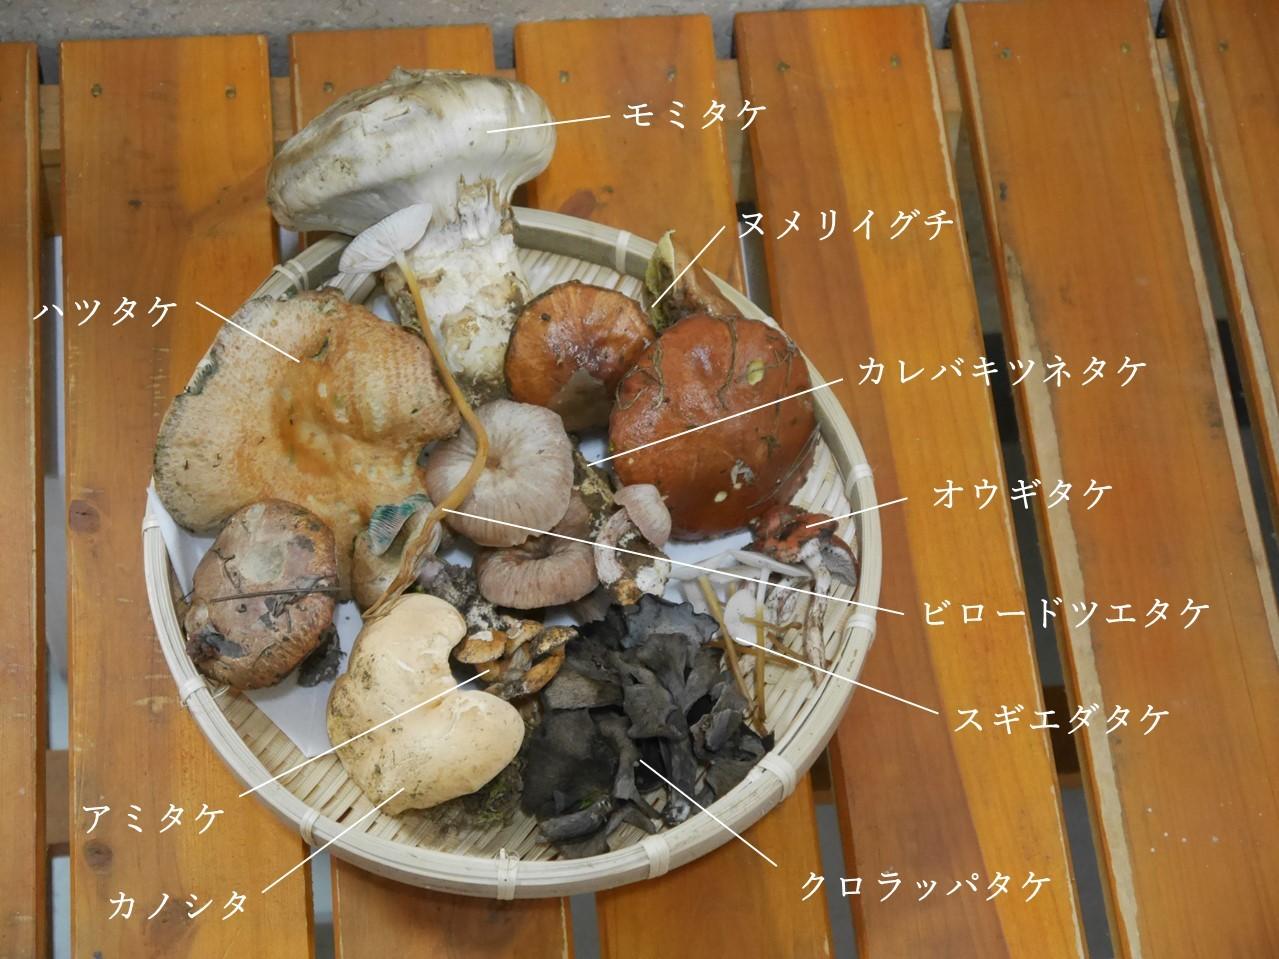 今日のお昼は野生きのこ☆_a0284279_15215261.jpg